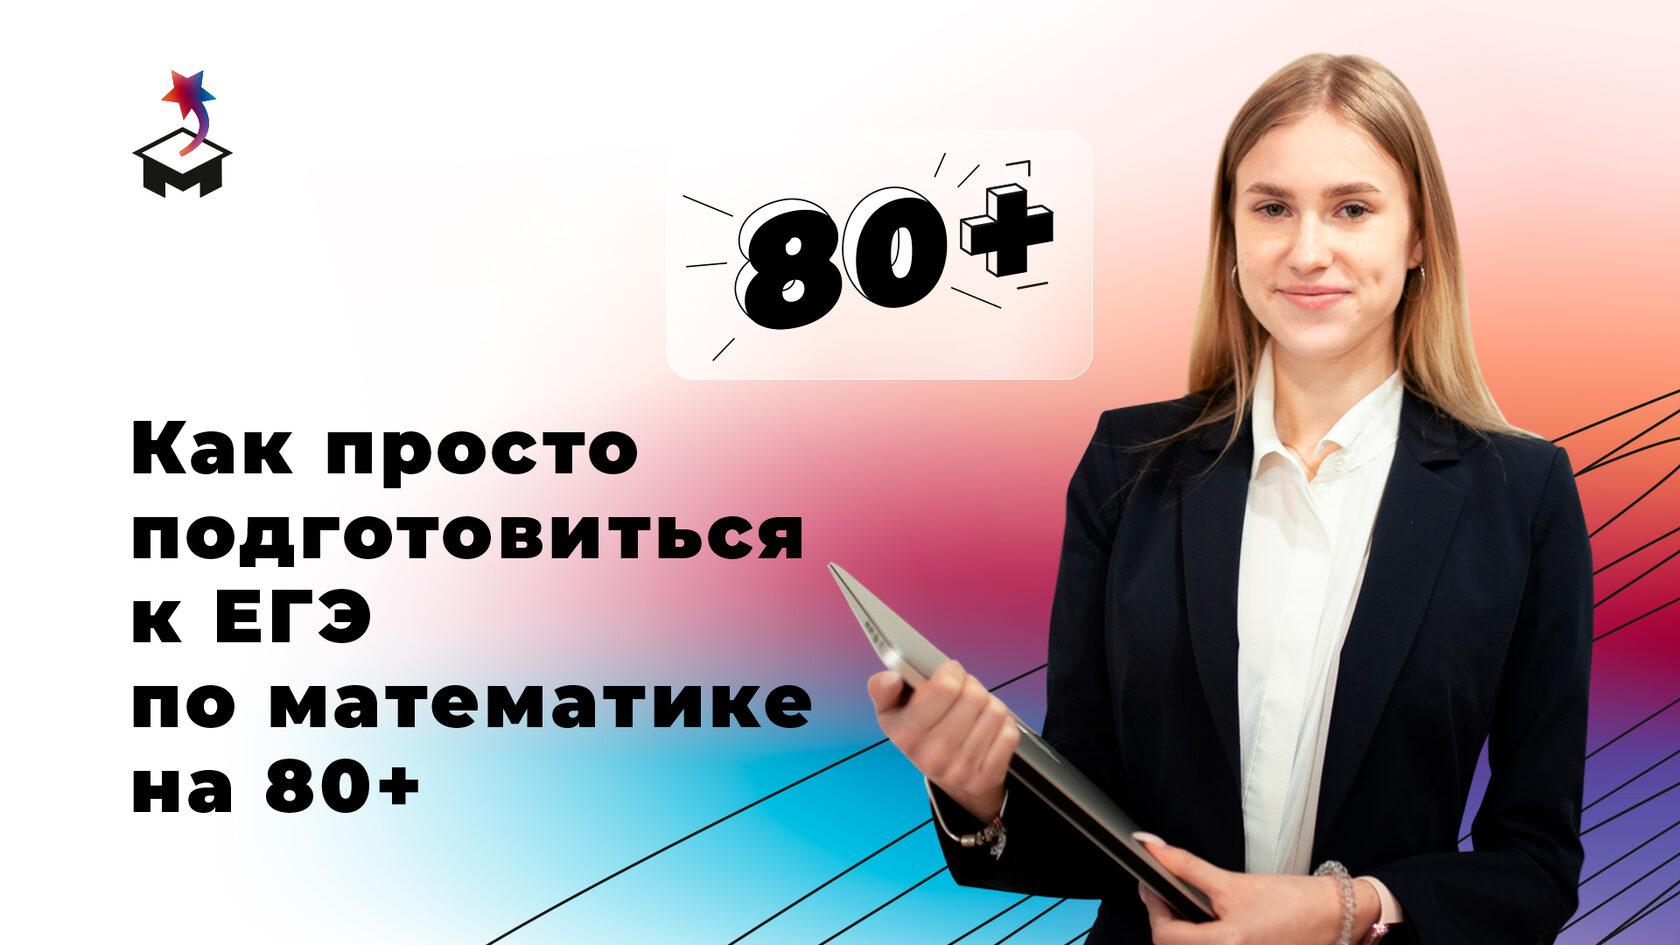 Преподаватель Маркс Академии по математике